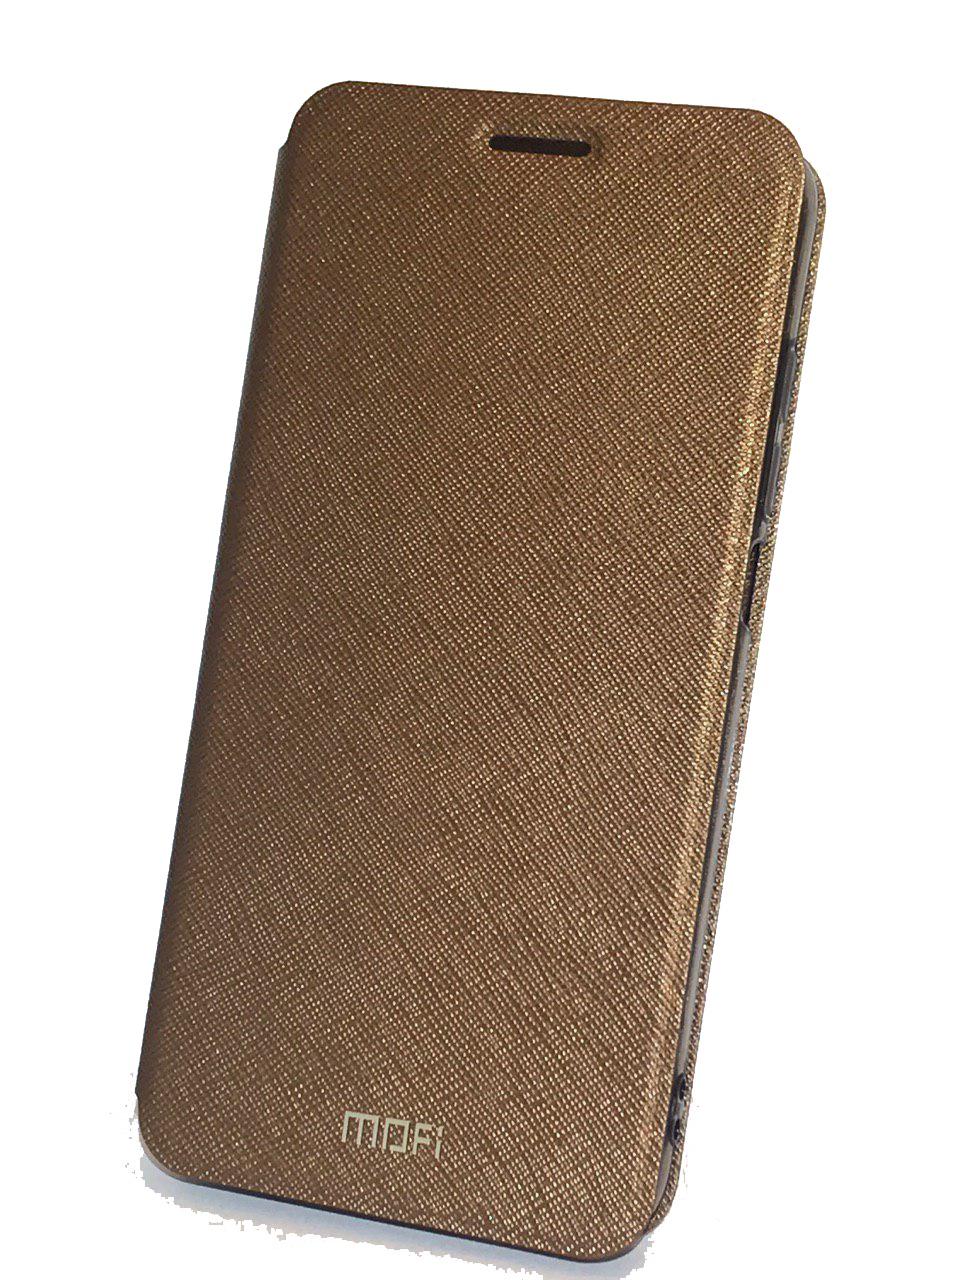 Фото - Чехол для сотового телефона Mofi Книжка Ribbed Xiaomi Redmi 4A Brown, коричневый open shoulder ribbed tshirt